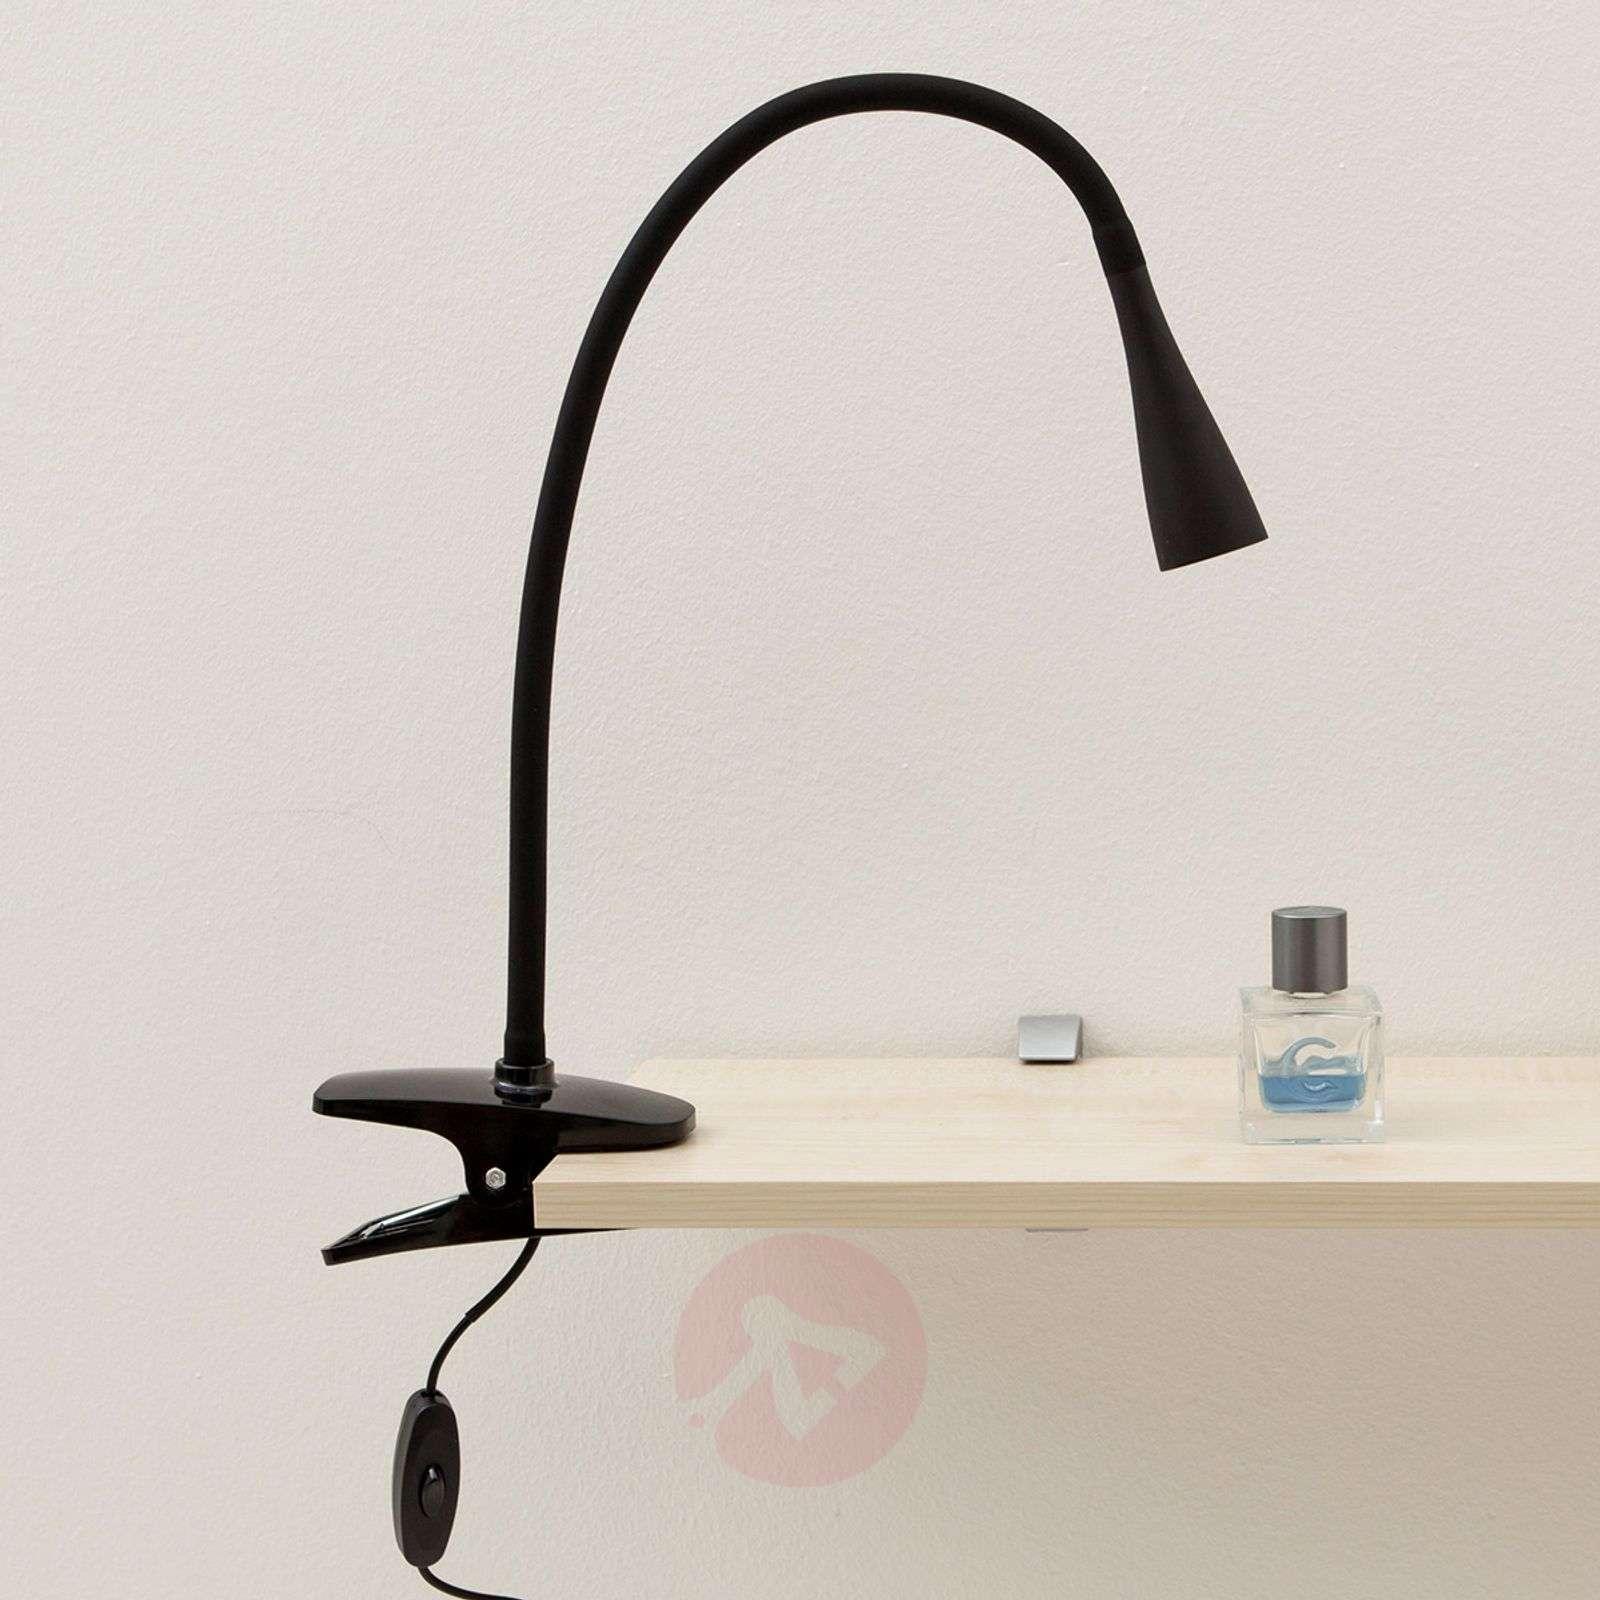 Baris Filigree LED Clip-on Lamp in Black-9643005-01